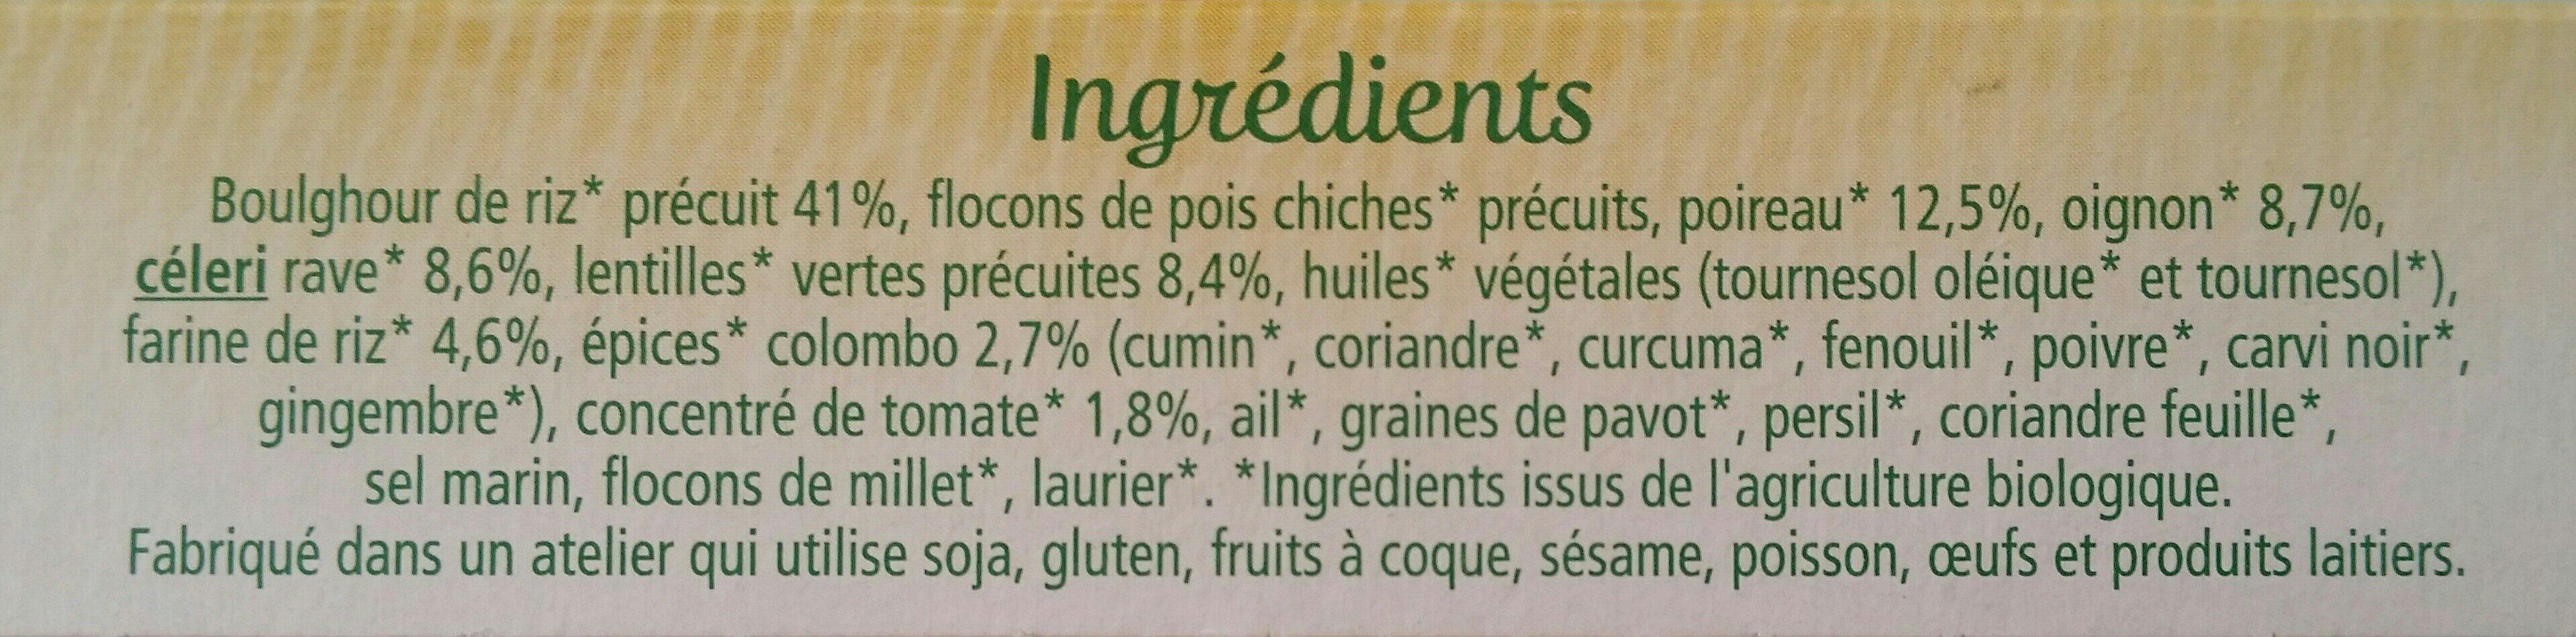 Boulghour de riz, légumes et colombo - Ingrédients